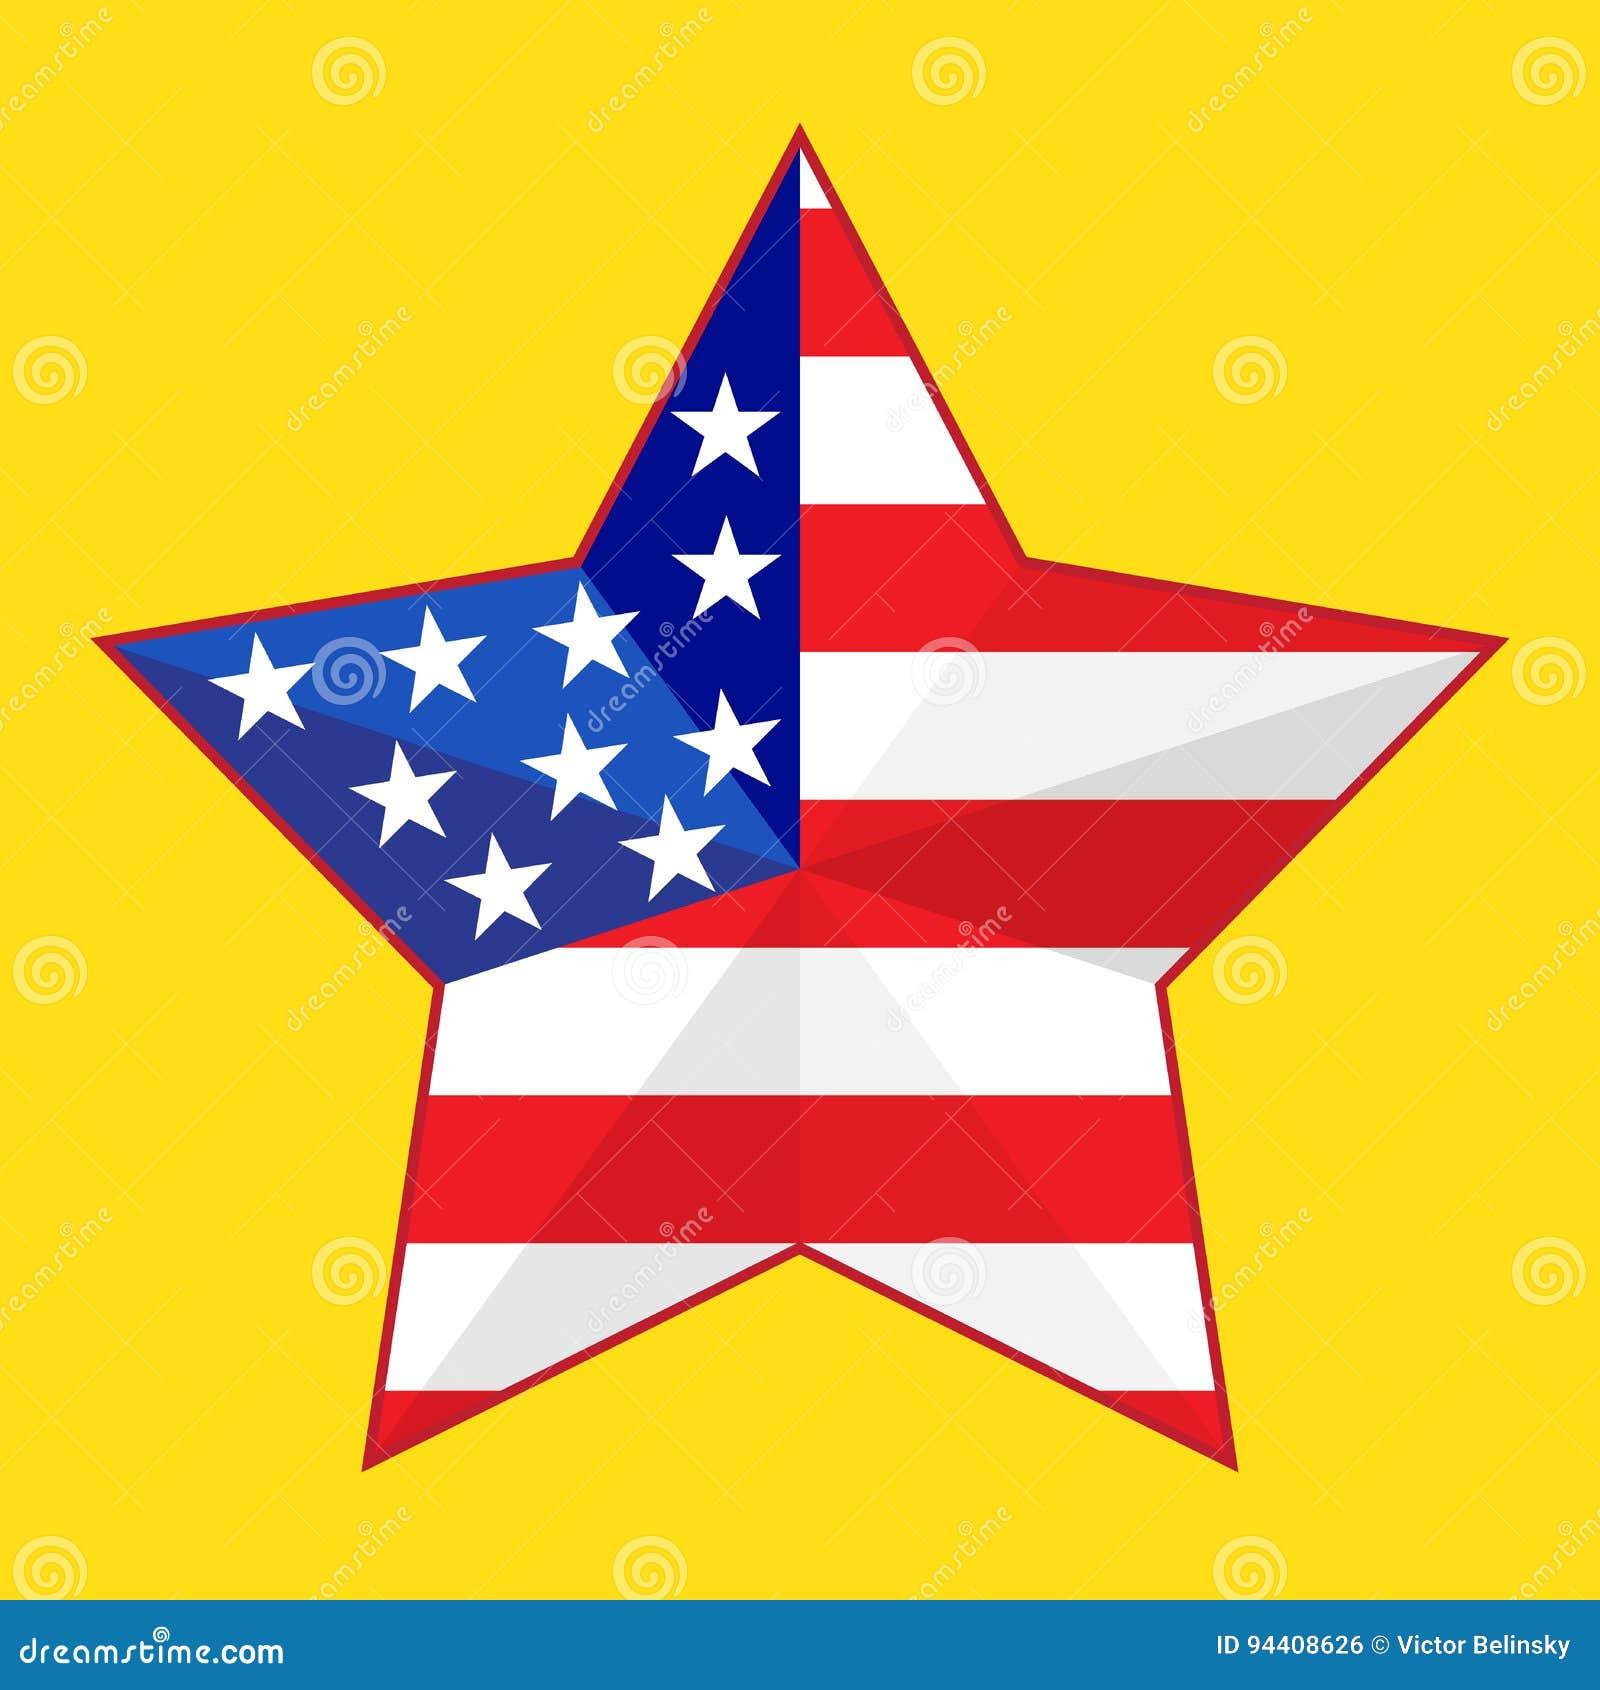 Flagge Blau Rot: Stern Mit Der Flagge Von Amerika Rot Und Blau Auf Einem